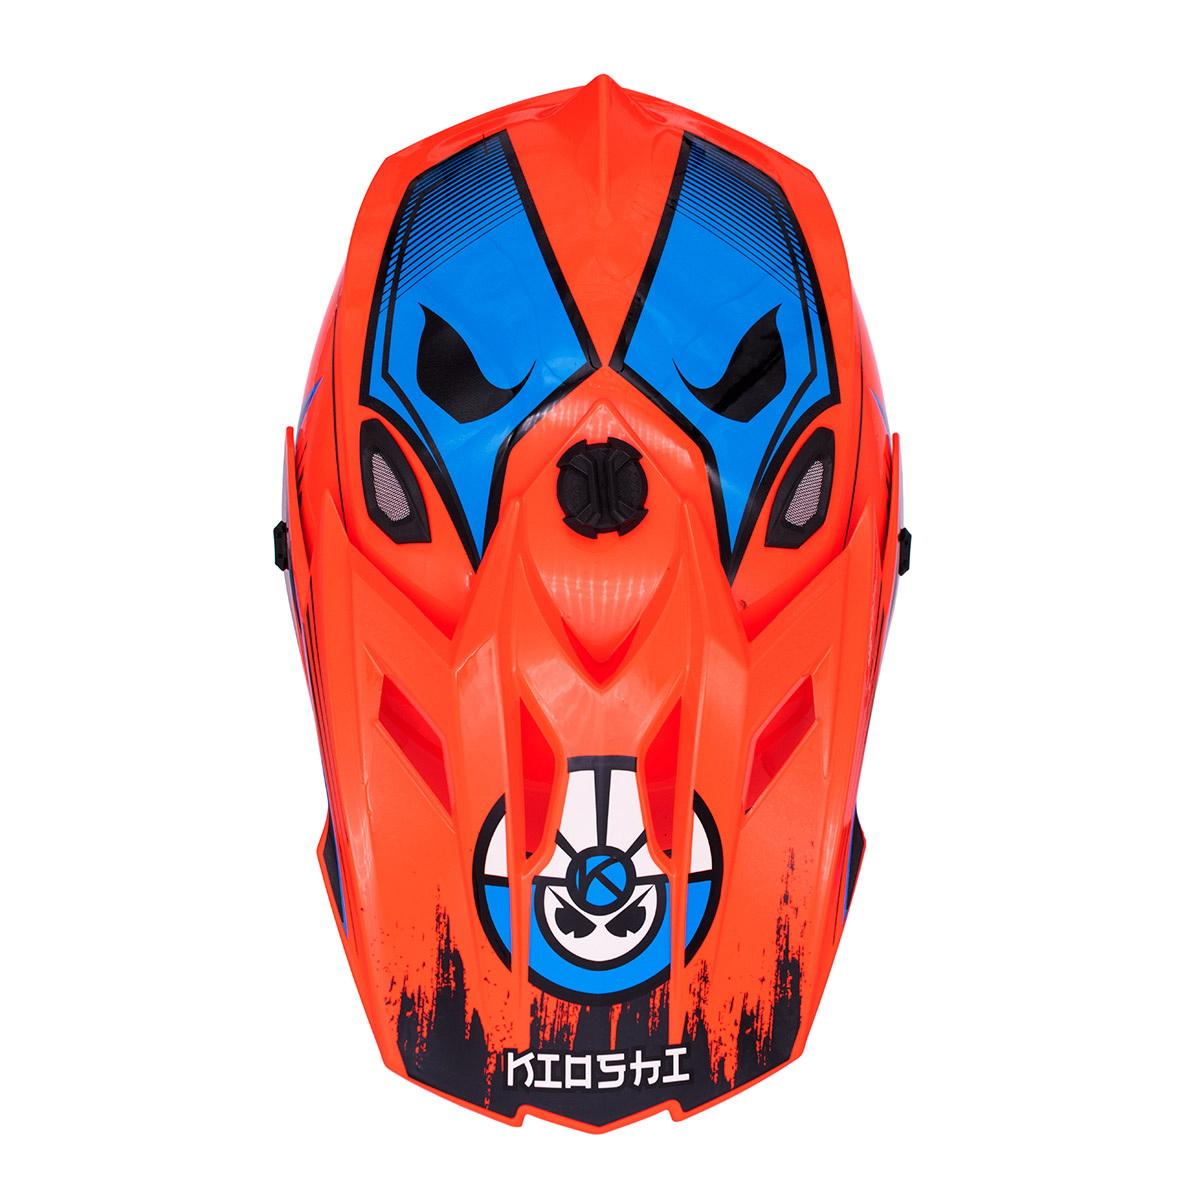 Купить Шлем KIOSHI Holeshot 801 кроссовый оранжевый